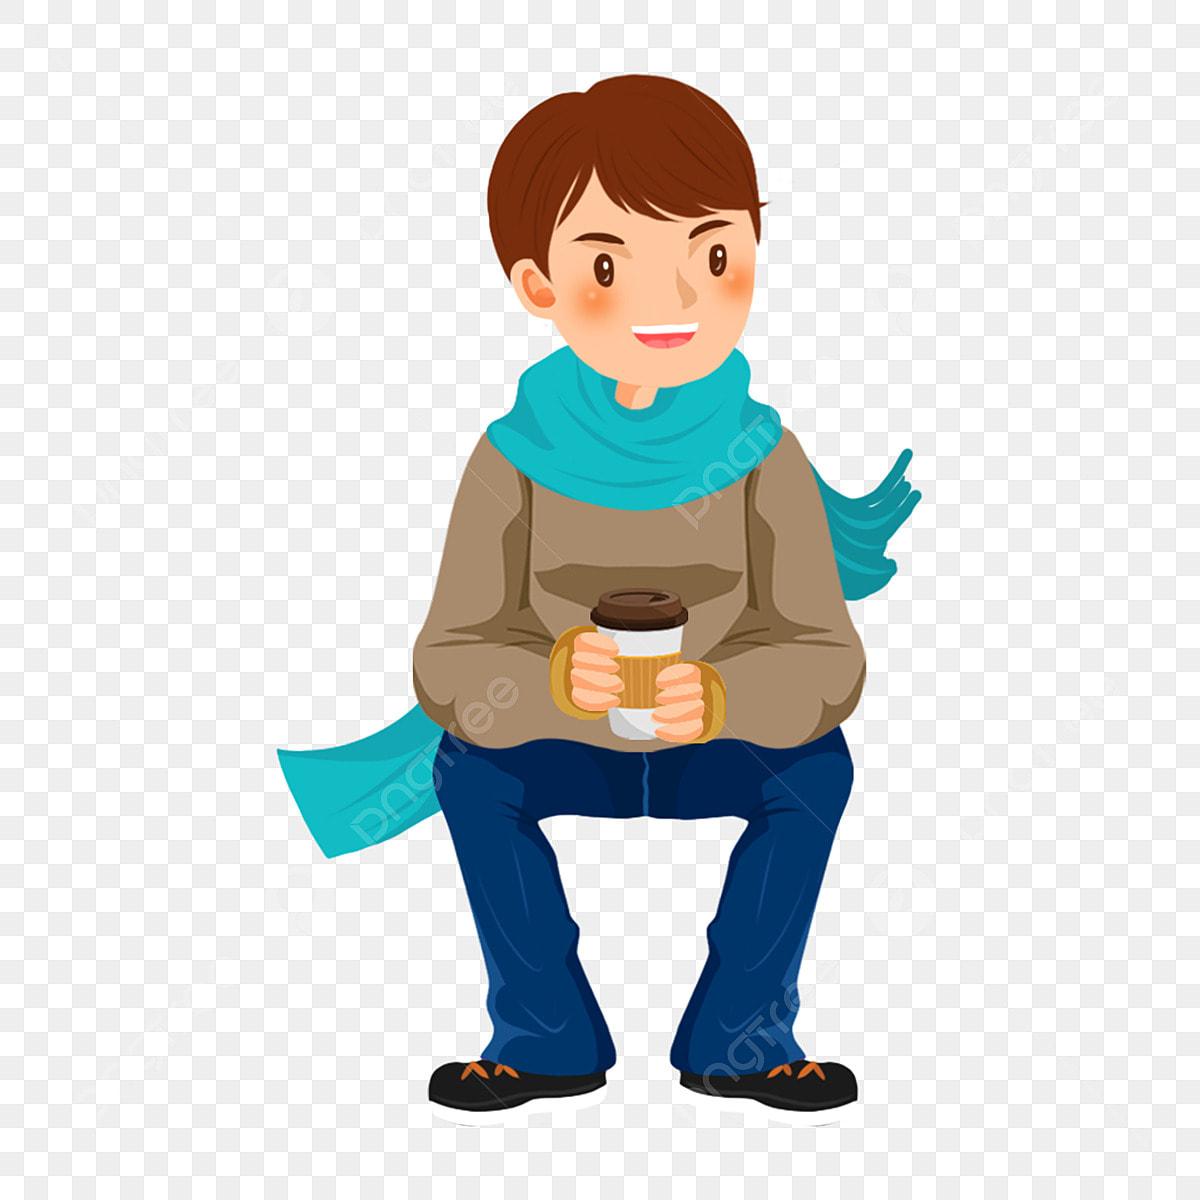 يشرب القهوة رجل يشرب القهوة يجلس ويشرب القهوة القهوة التوضيح الحرف التوضيح الكرتون صبي التوضيح شرب القهوة Png وملف Psd للتحميل مجانا